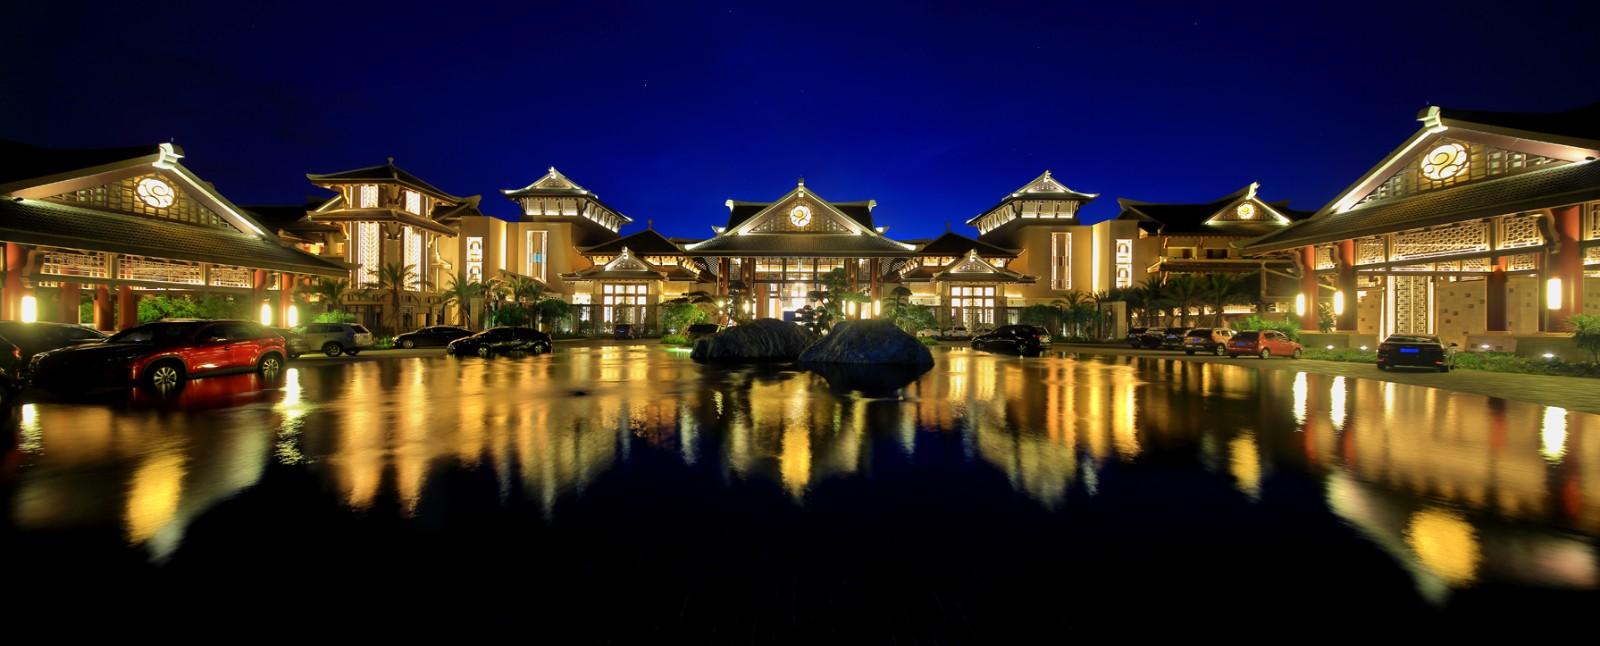 海南棋子湾开元度假村景观设计图片